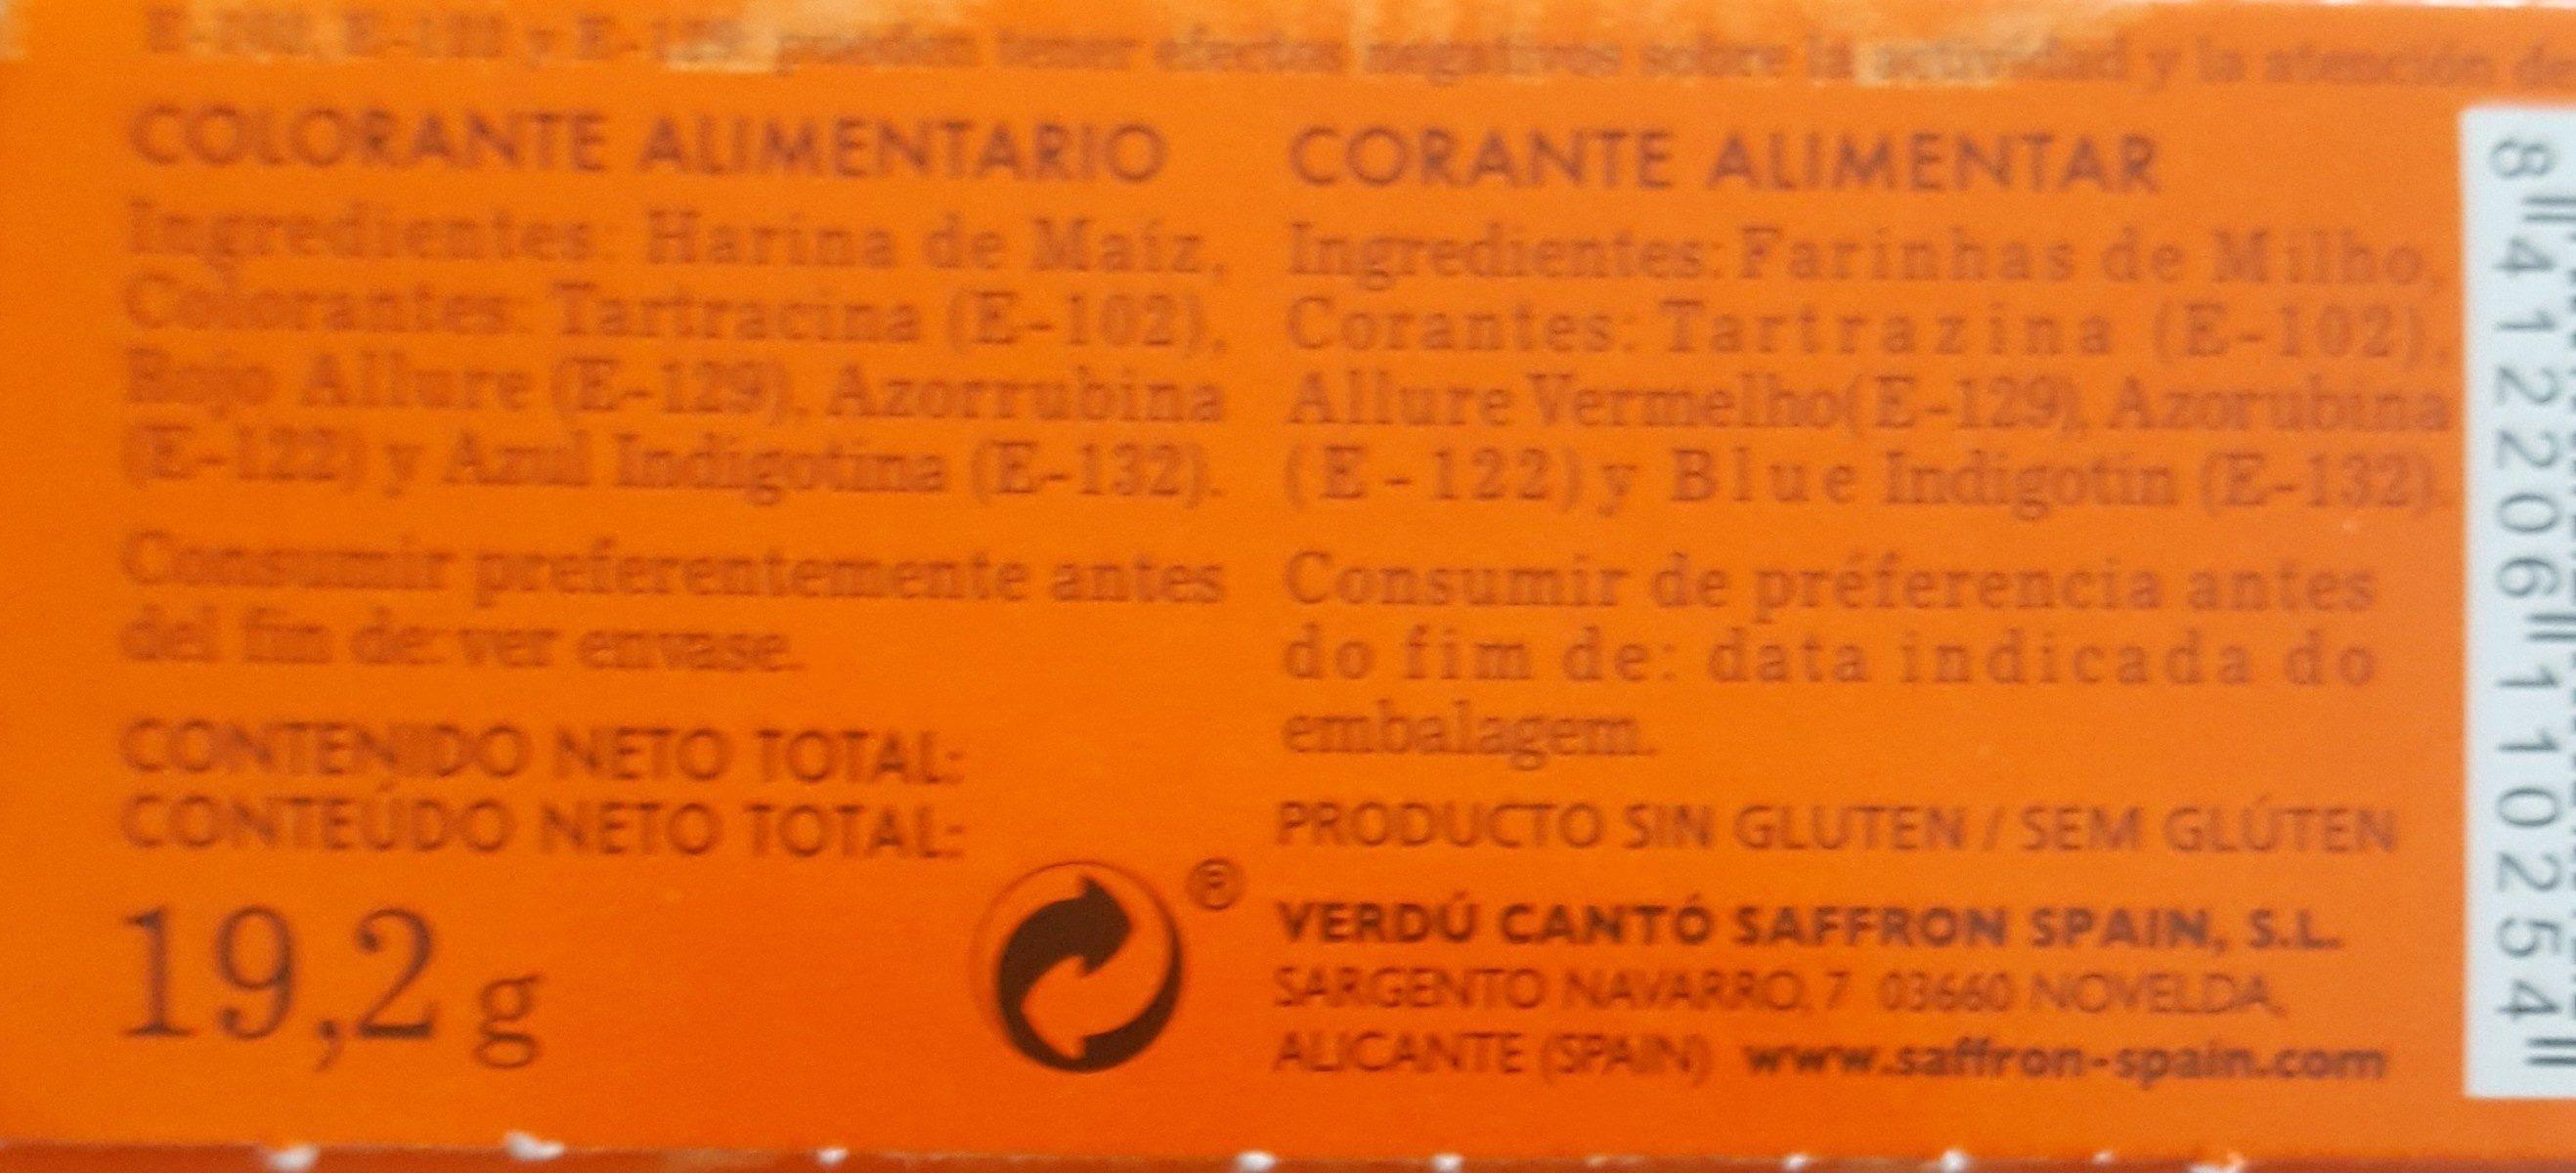 Colorante Alimentario - Ingredients